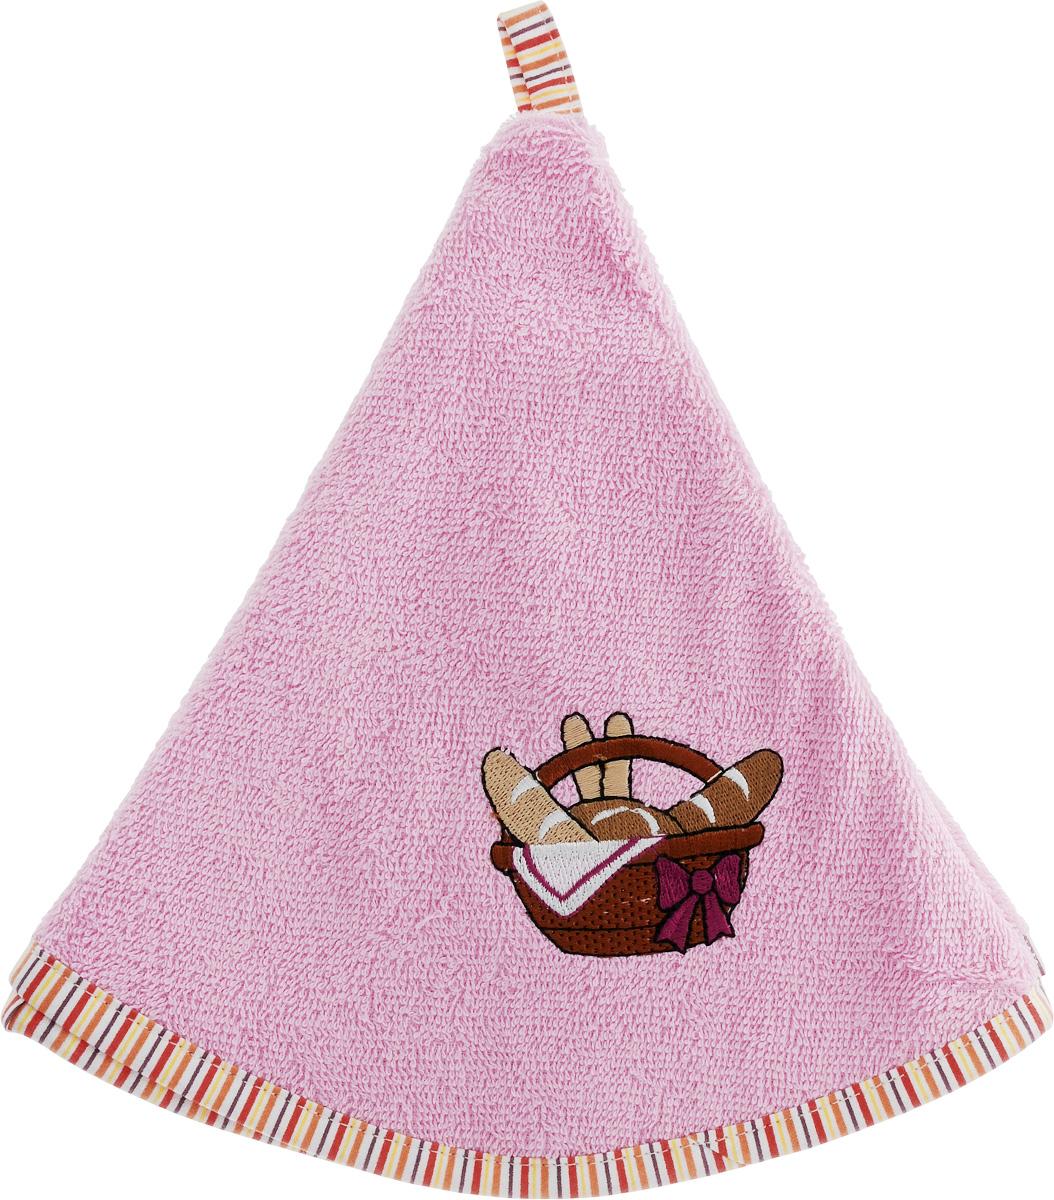 Полотенце кухонное Karna Zelina. Тыква, цвет: розовый, диаметр 50 смVT-1520(SR)Круглая кухонная салфетка Karna Zelina. Тыква выполнена из приятной на ощупь махровой ткани (100% хлопок). Изделие отлично впитывает влагу, быстро сохнет, сохраняет яркость цвета и не теряет форму даже после многократных стирок. Салфетка дополнена каймой контрастного цвета и красивой вышивкой. С помощью специальной петельки ее удобно вешать на крючок. Салфетка очень практична и неприхотлива в уходе. Она создаст прекрасное настроение и дополнит интерьер.